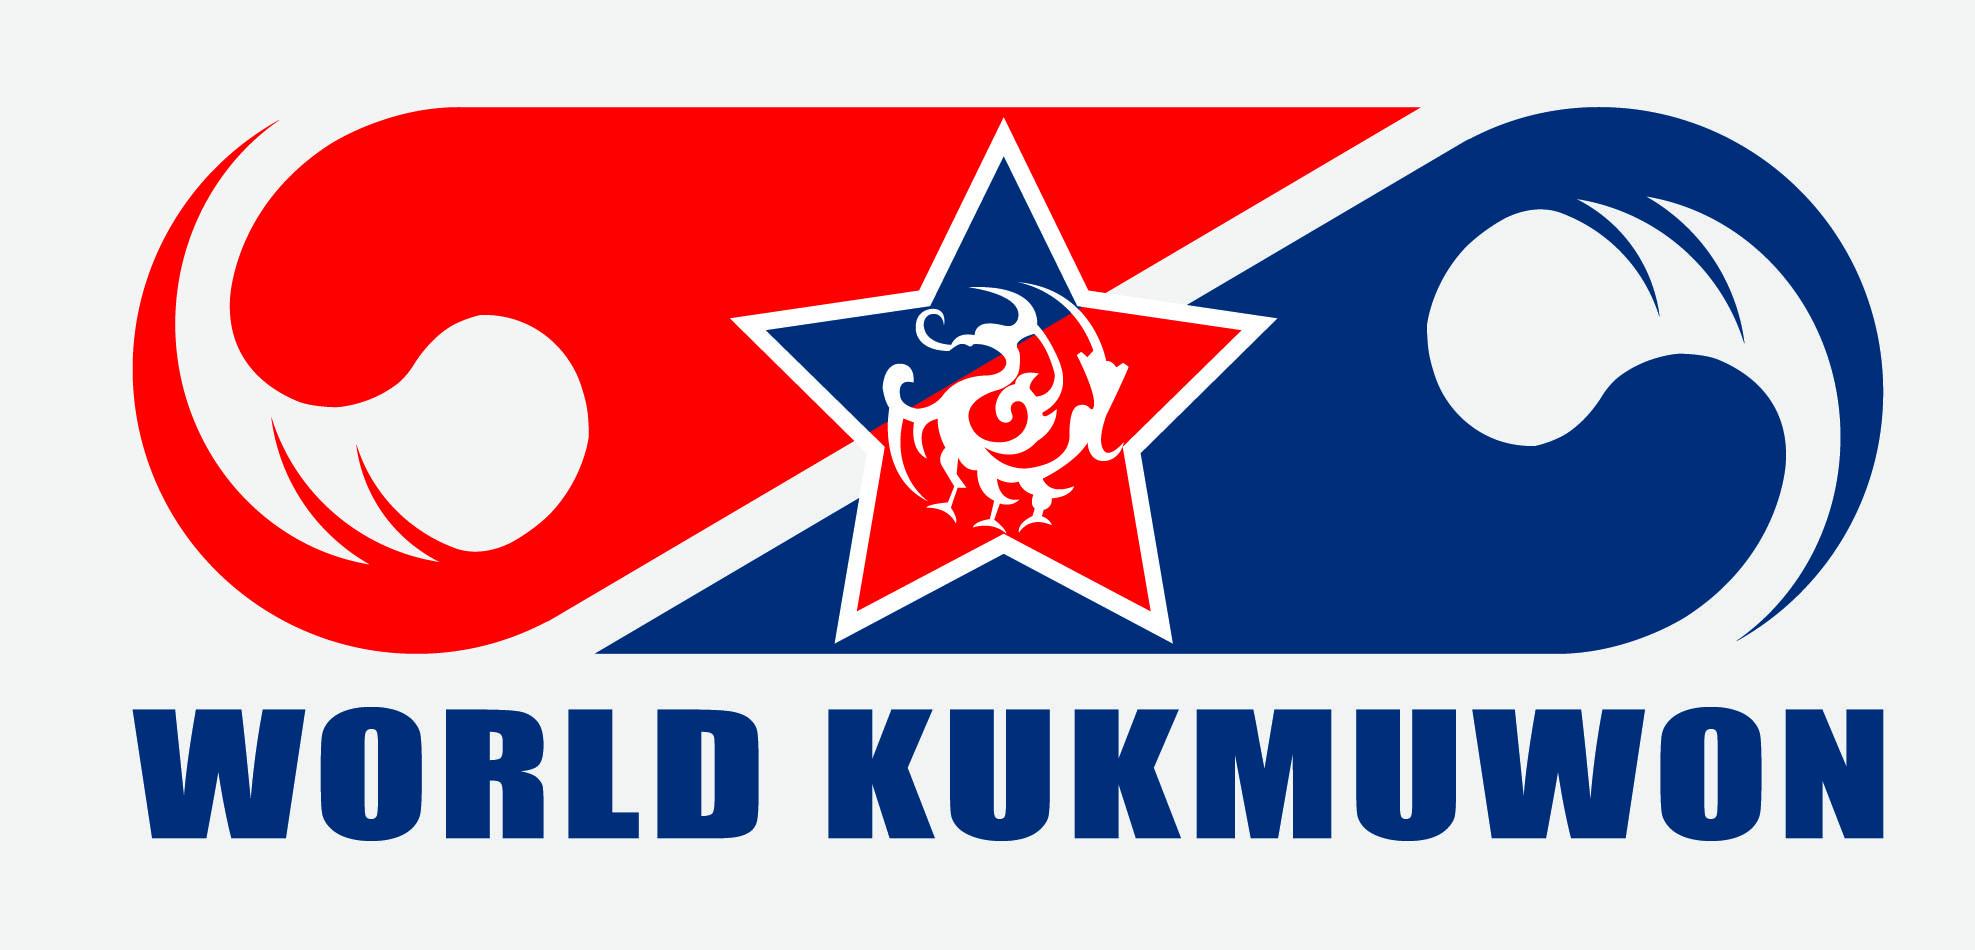 World Kukmuwon